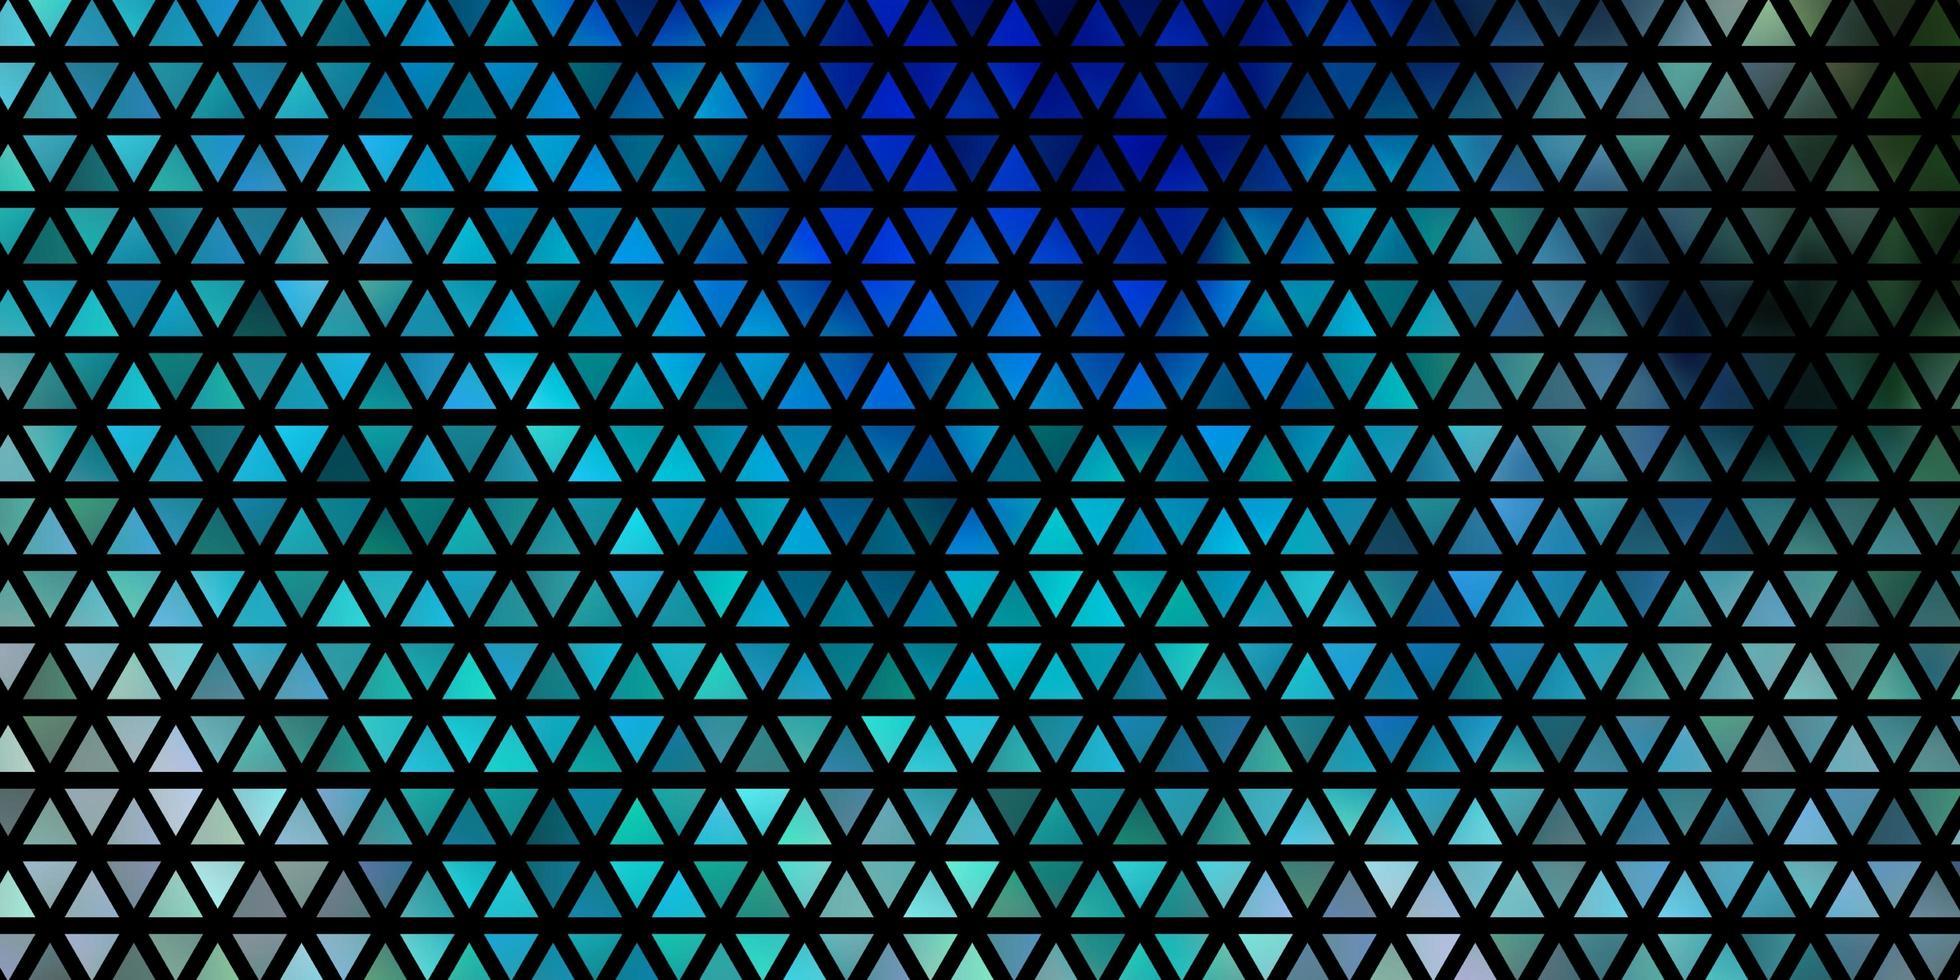 layout de vetor azul e verde claro com linhas, triângulos.